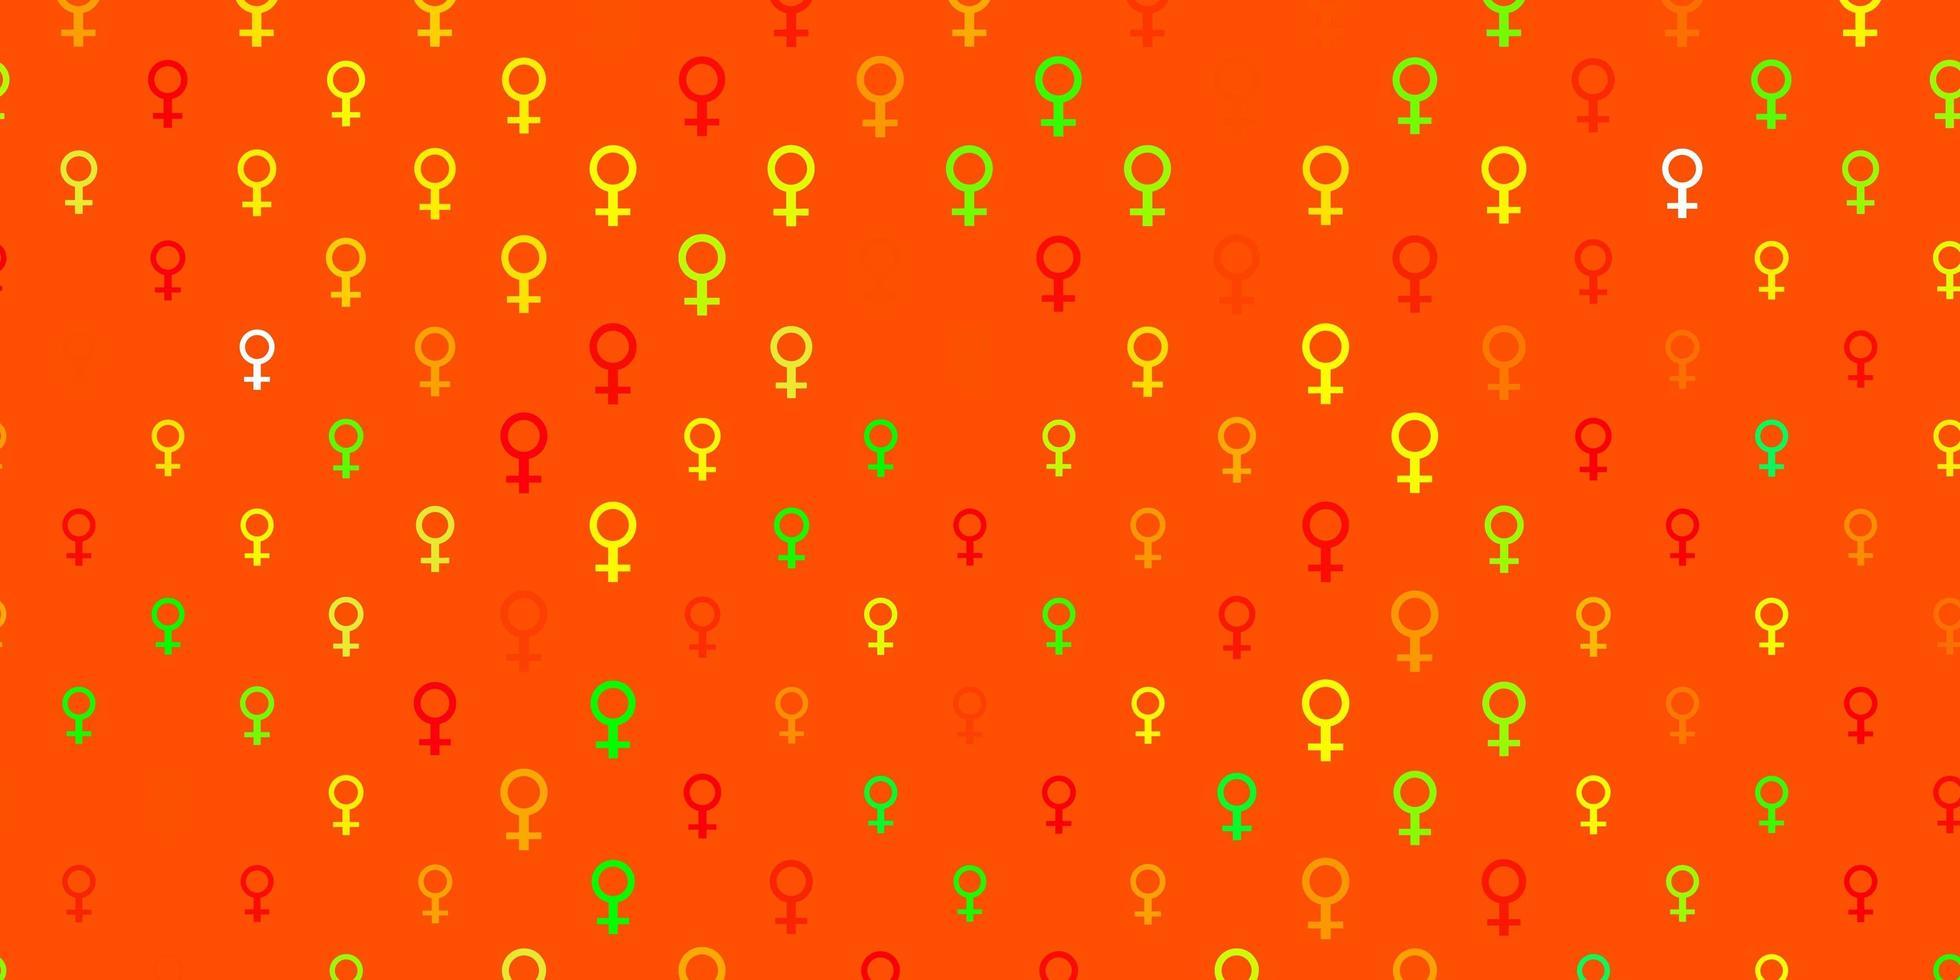 pano de fundo de vetor verde e vermelho claro com símbolos de poder feminino.